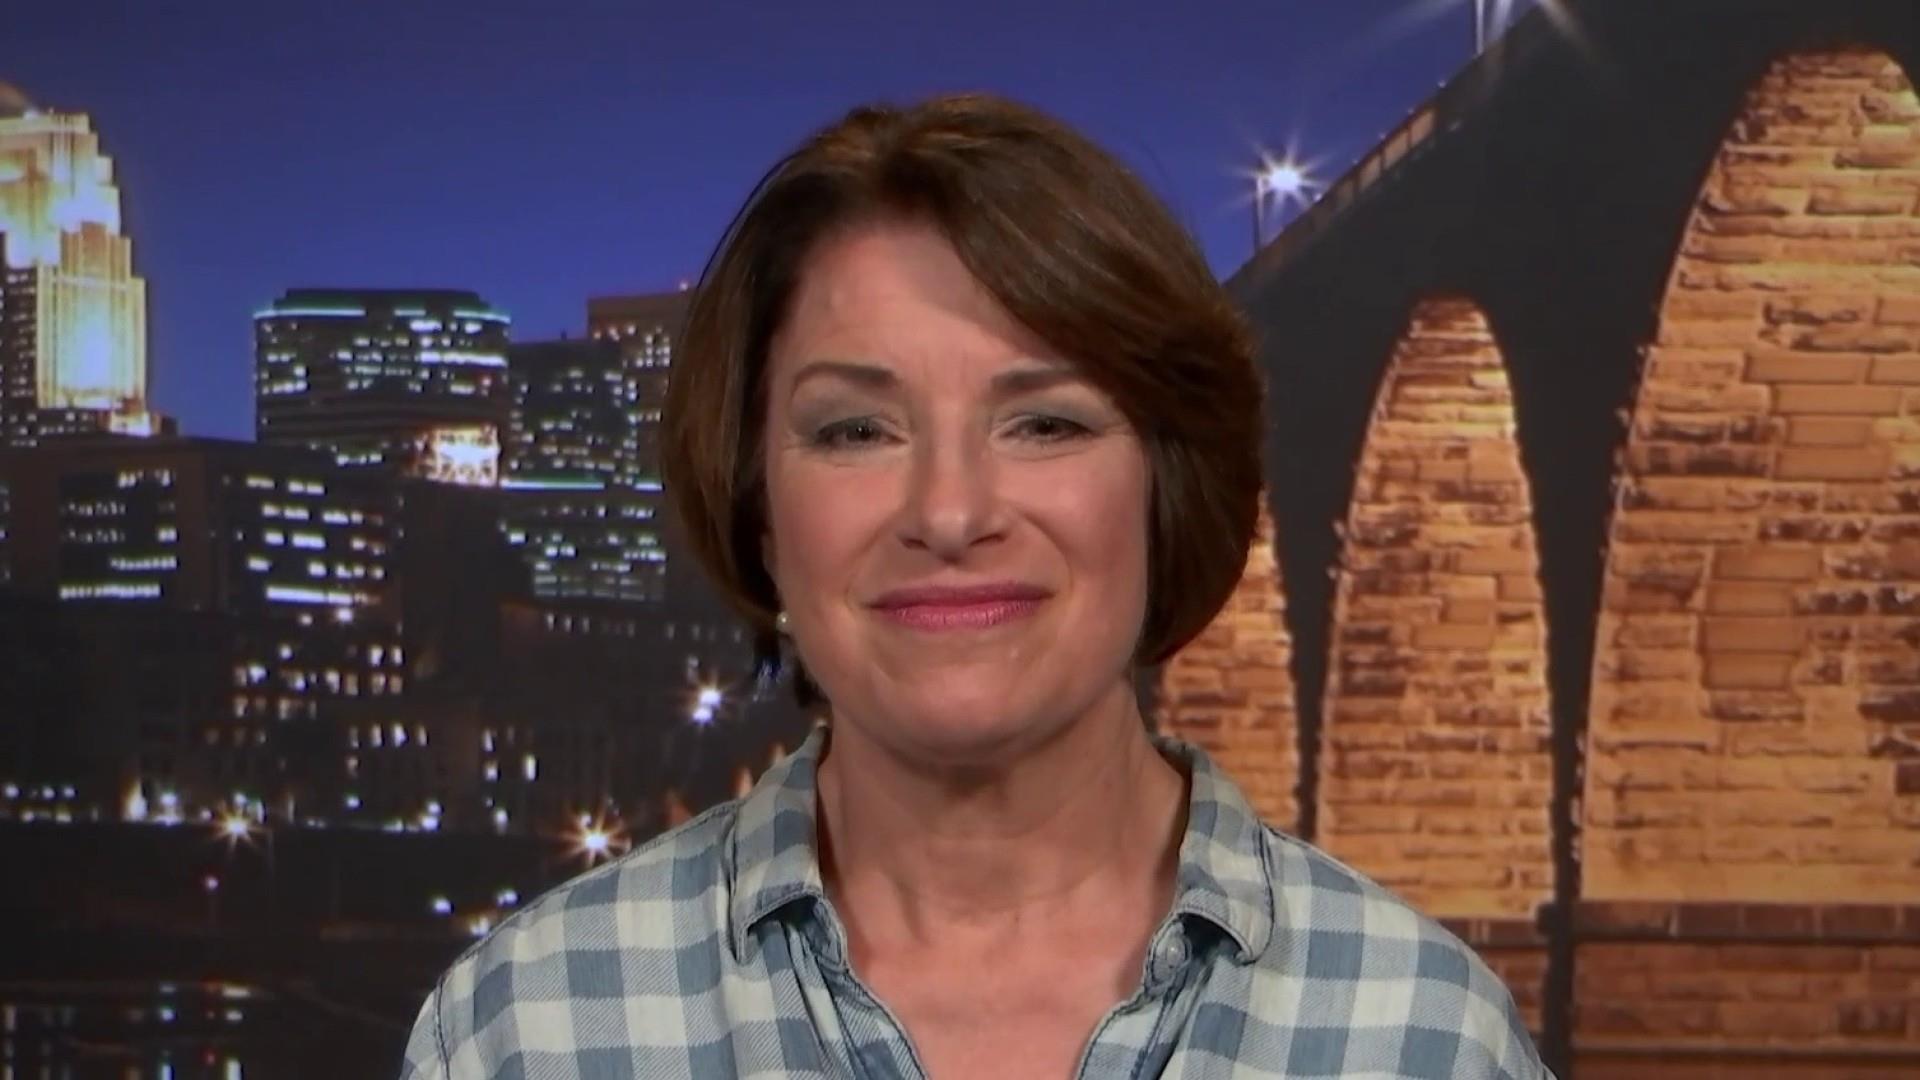 Sen. Klobuchar on her new gun-safety proposal